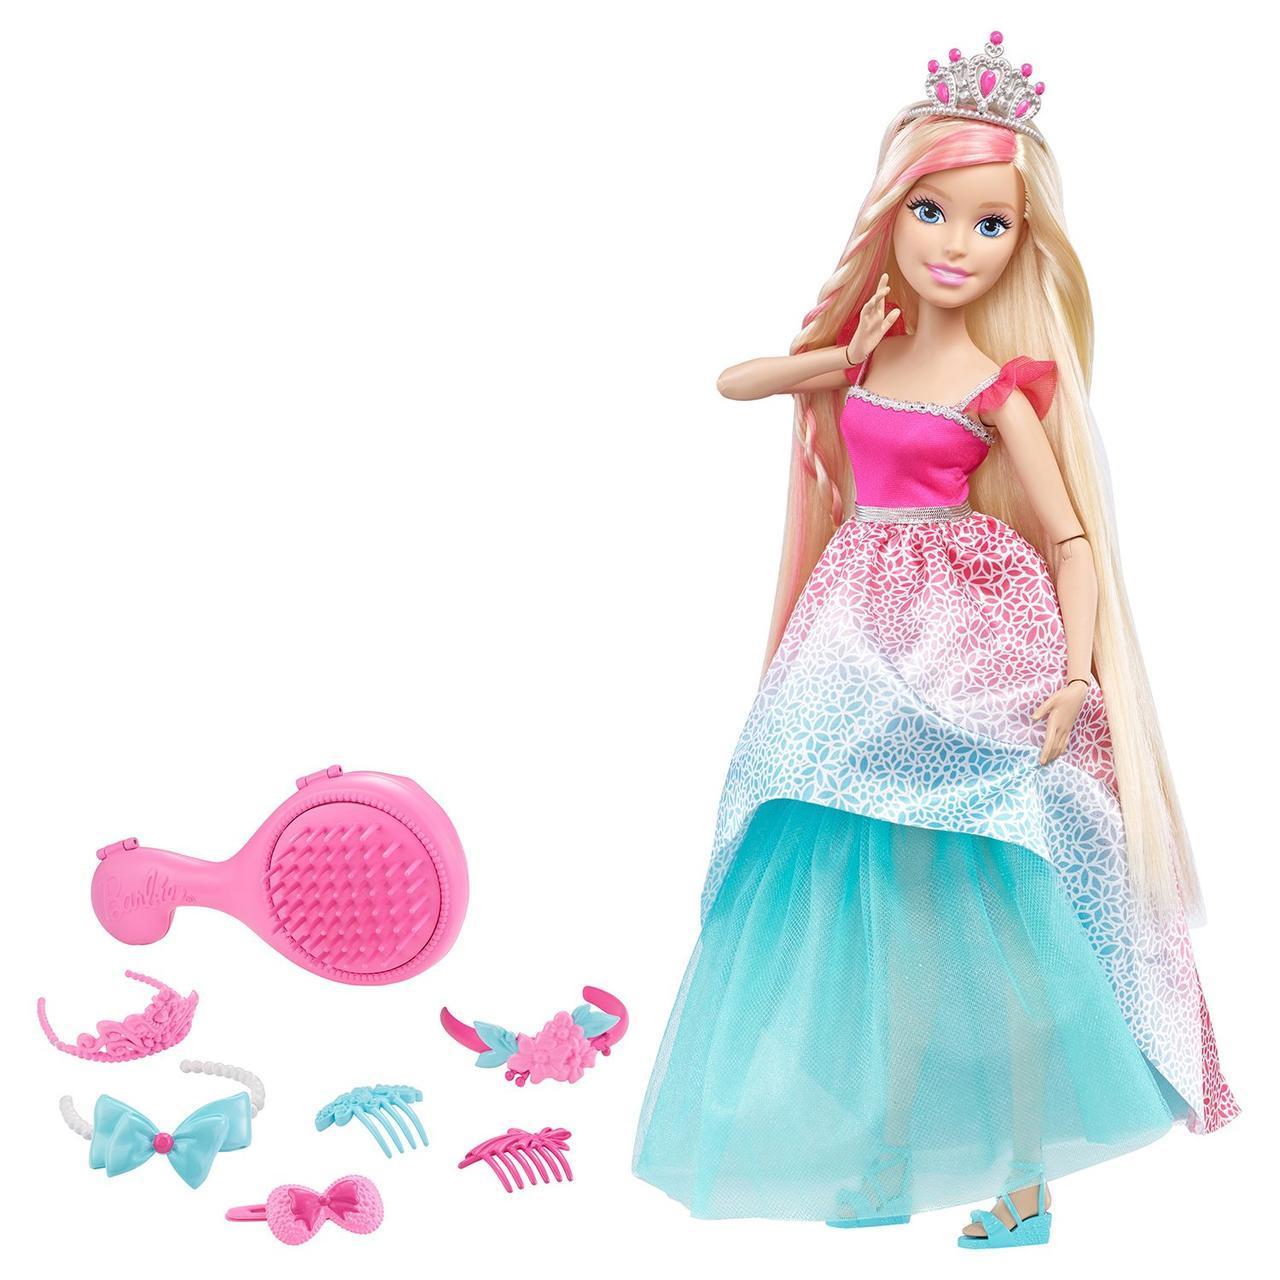 """Barbie """"Роскошные волосы"""" Кукла Блондинка, с длинными волосами, 43 см."""